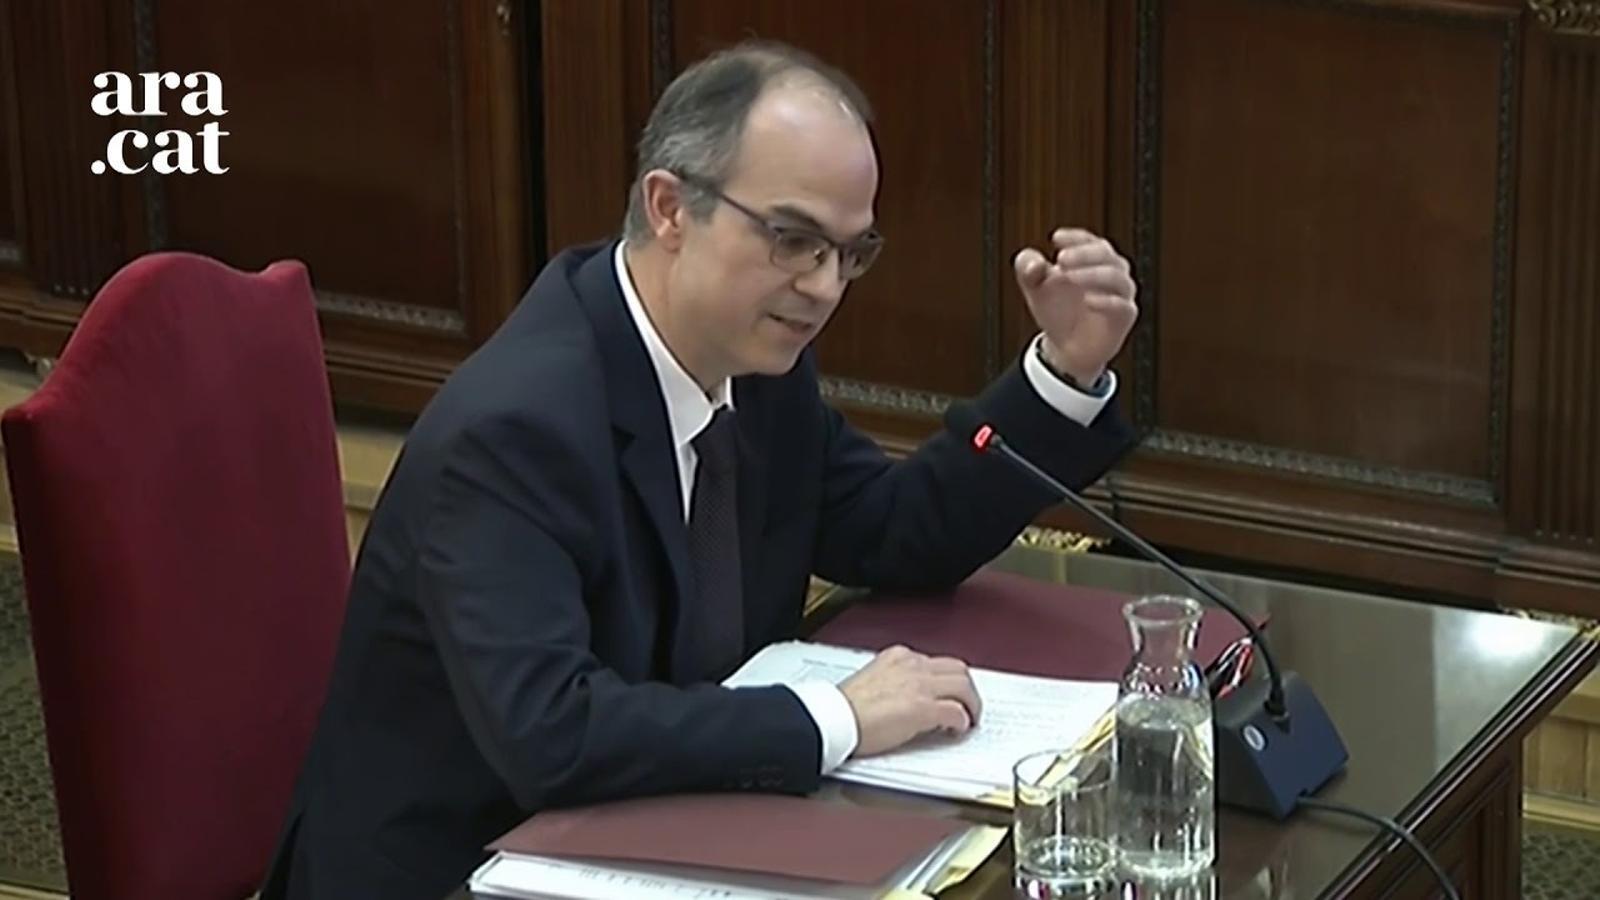 """Turull: """"Els ciutadans de Catalunya no són ovelles, no són gent militaritzada"""""""